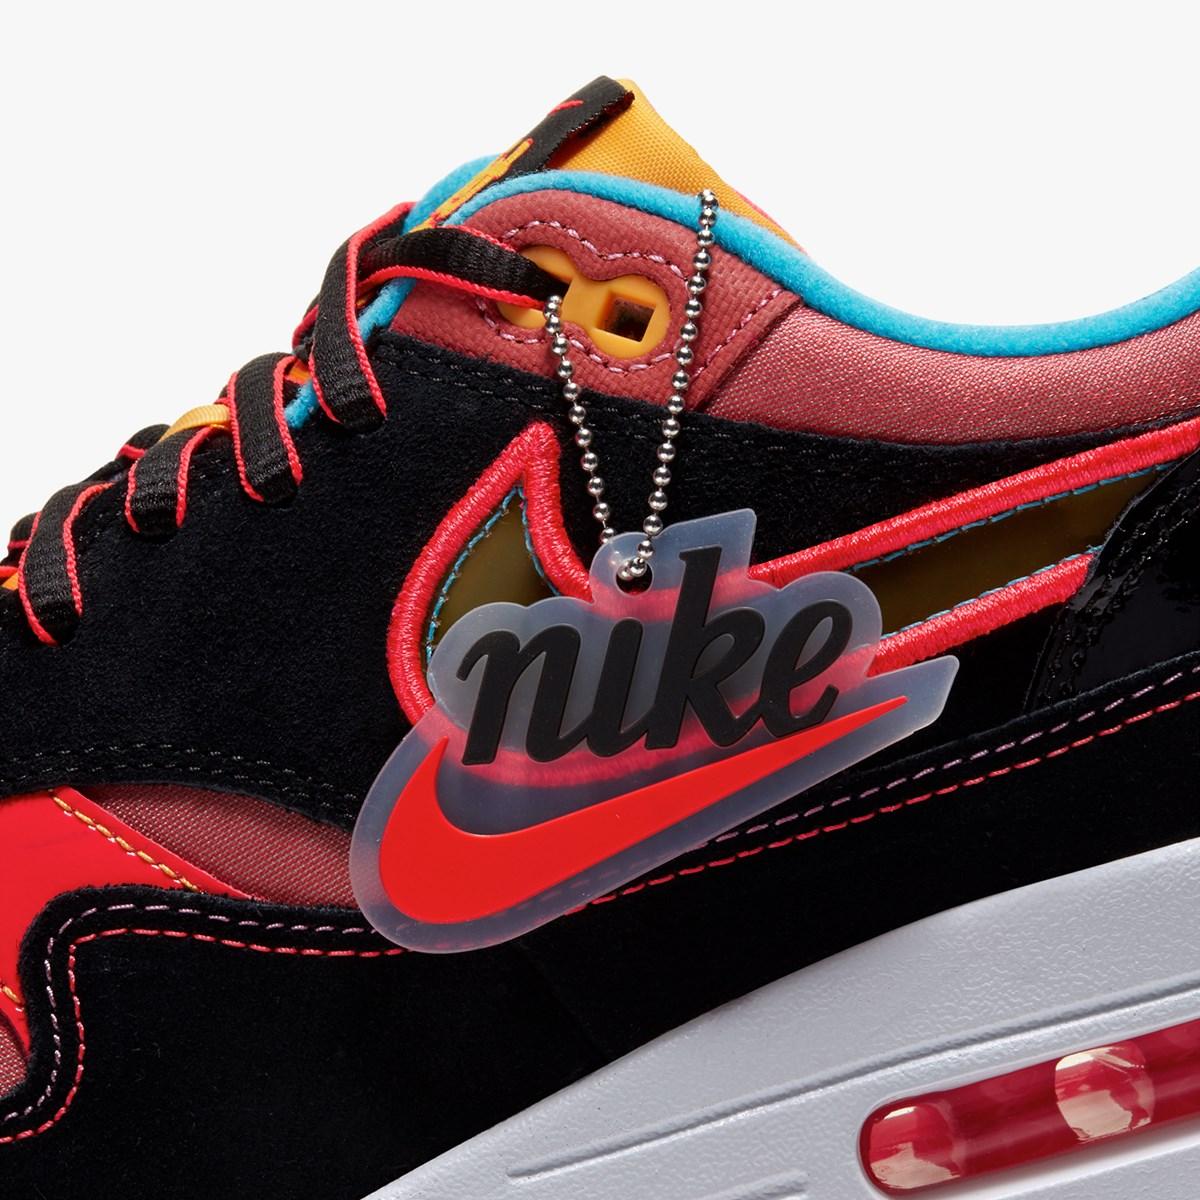 Nike Air Max 1 SE - Cu6645-001 - SNS   sneakers & streetwear online since 1999